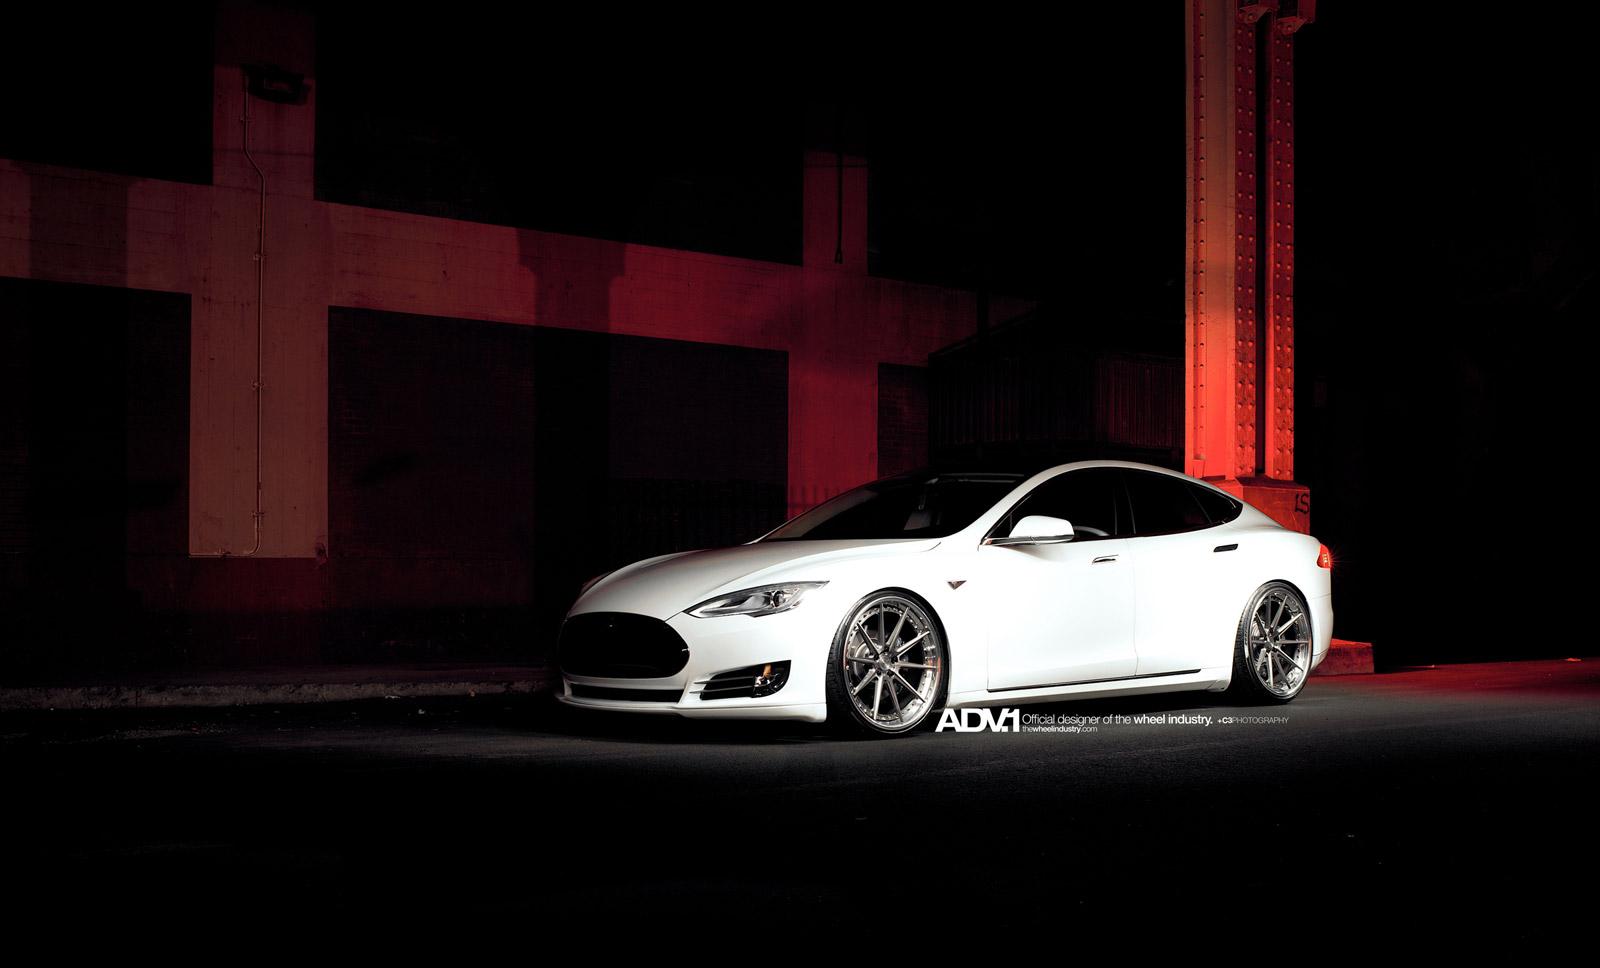 Tesla Model S Adv   Brushed Gunmetal